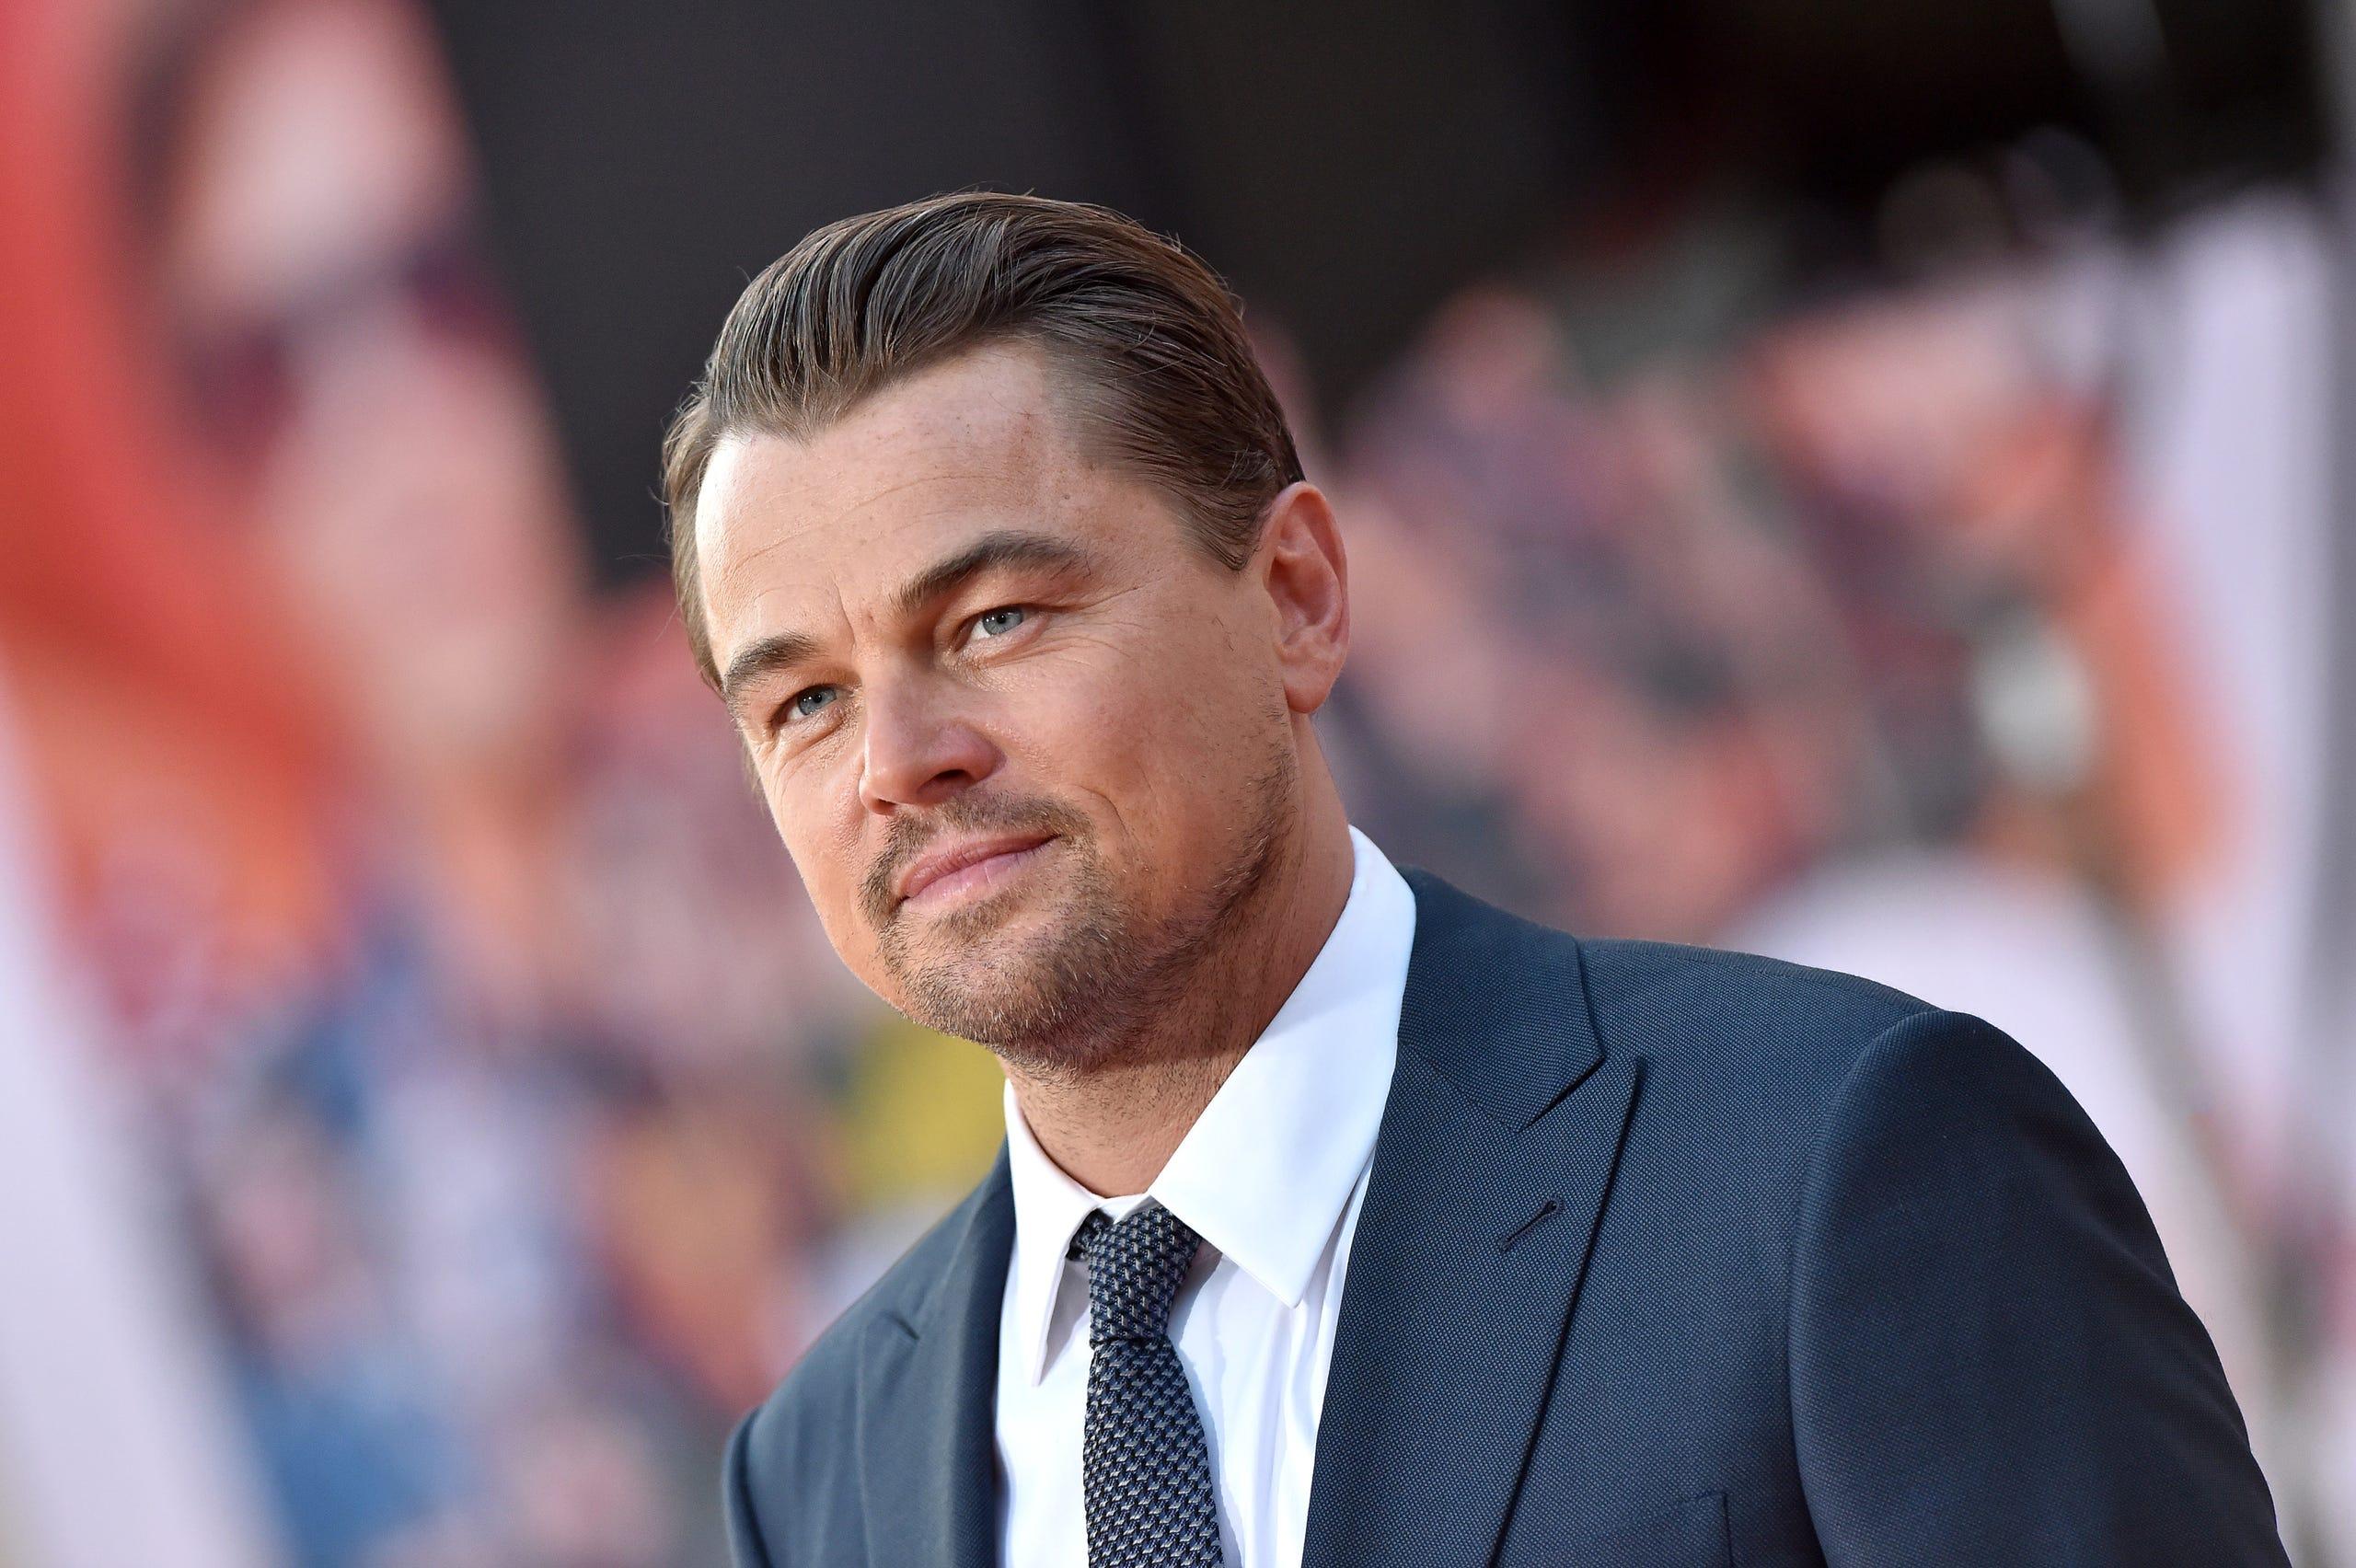 Druk - Mais Uma Rodada, filme dinamarquês vencedor do Oscar, vai ganhar remake com Leonardo DiCaprio